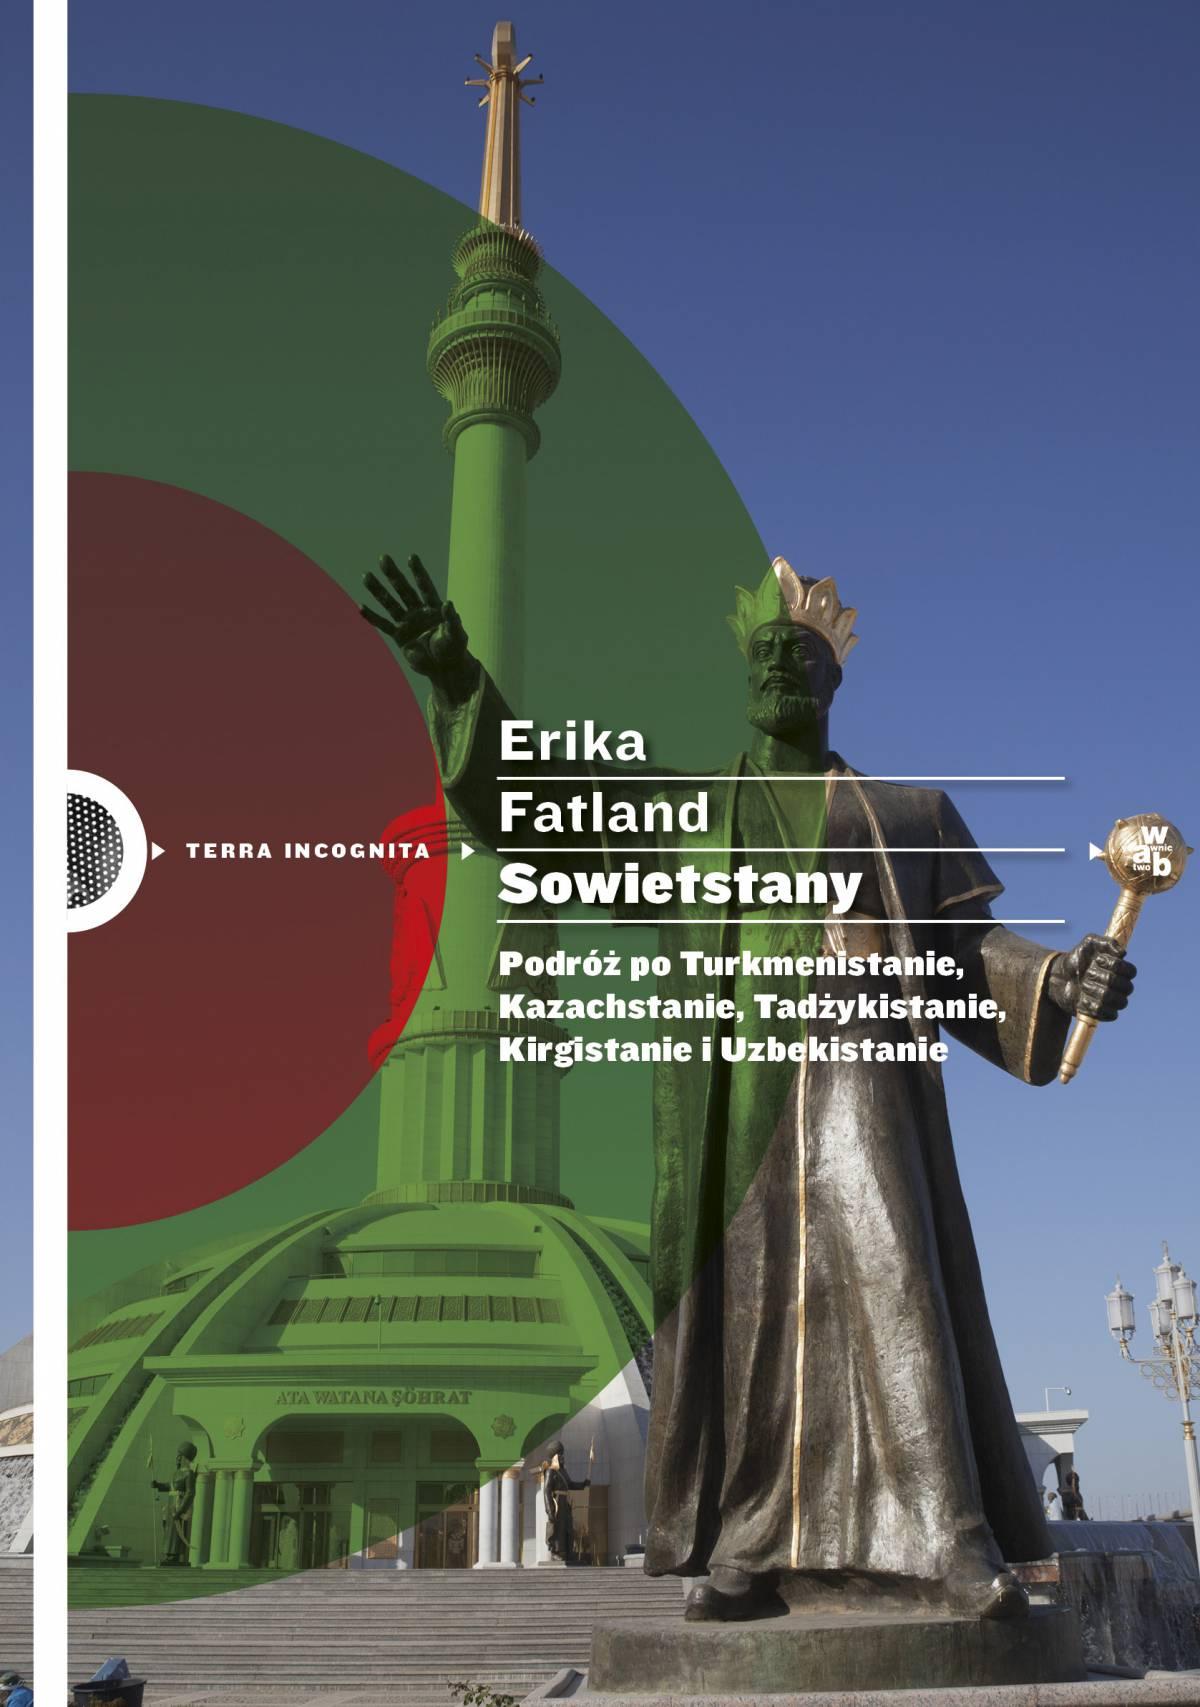 Sowietstany. Podróż po Turkmenistanie, Kazachstanie, Tadżykistanie, Kirgistanie i Uzbekistanie - Ebook (Książka EPUB) do pobrania w formacie EPUB